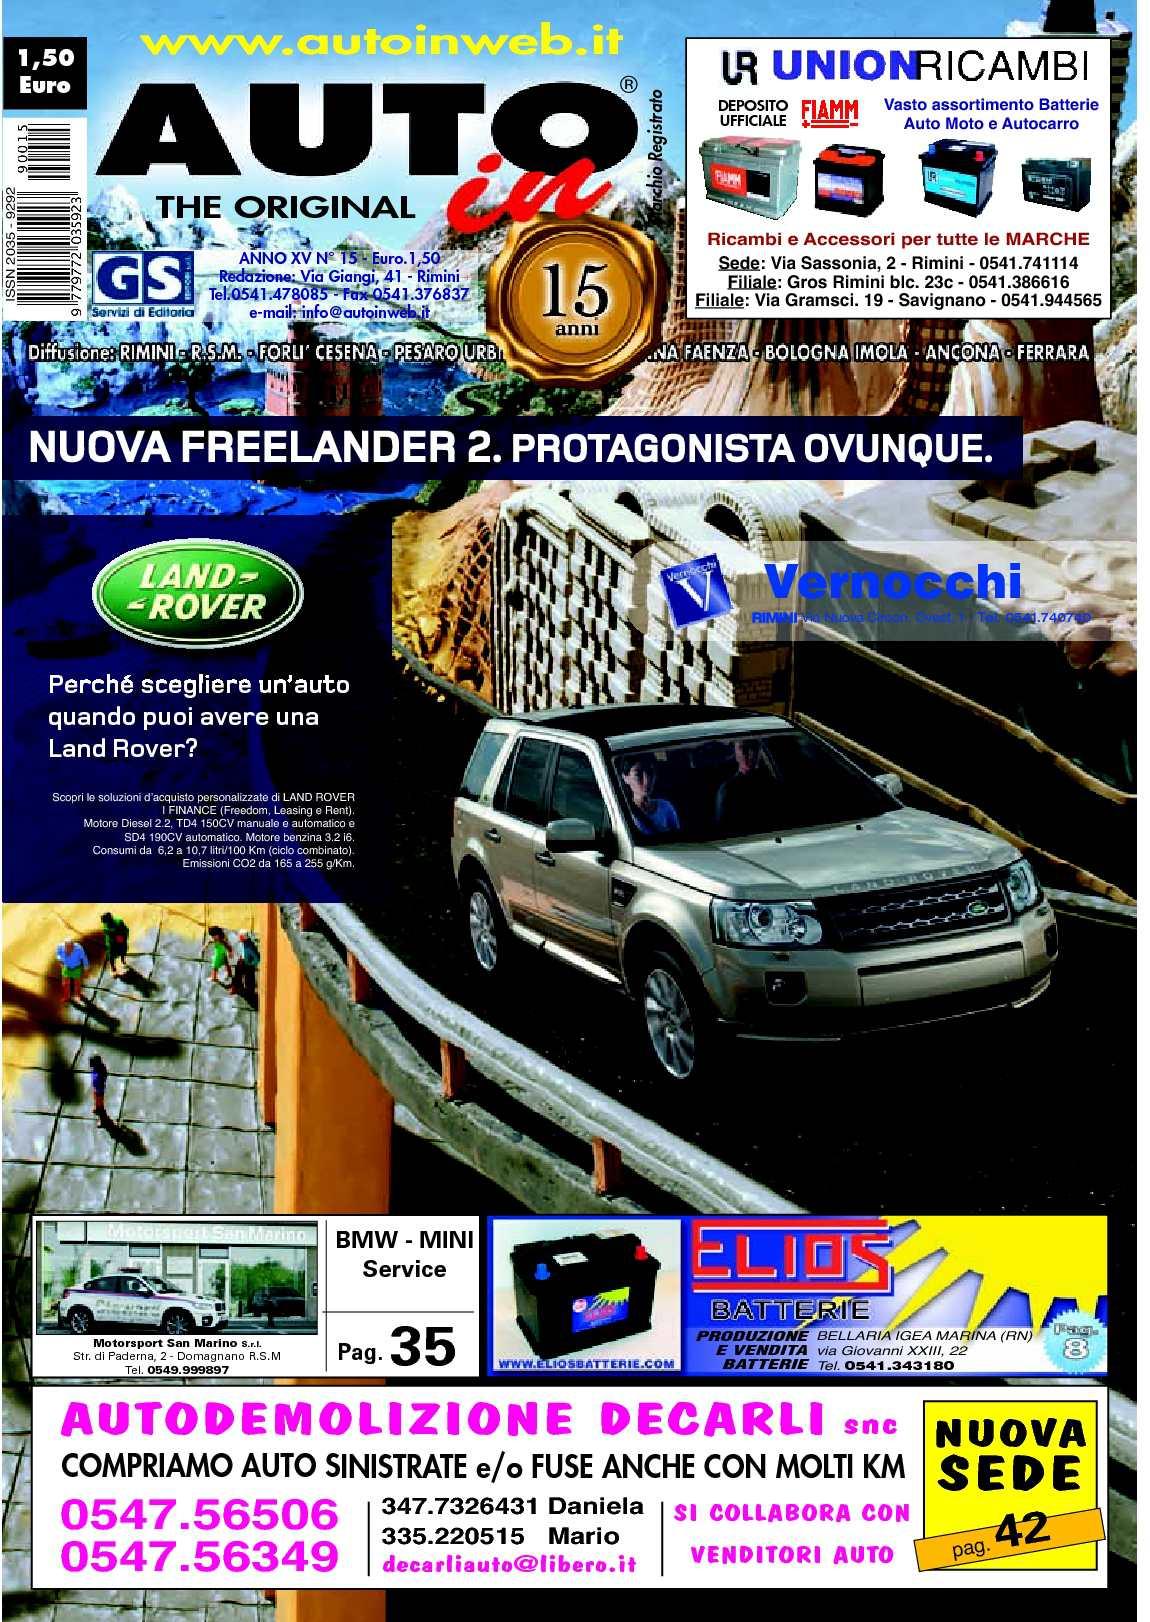 ATE CERAMIC Pastiglie WAKO FRENI ANTERIORE FIAT BRAVO 2 STILO LANCIA DELTA 3